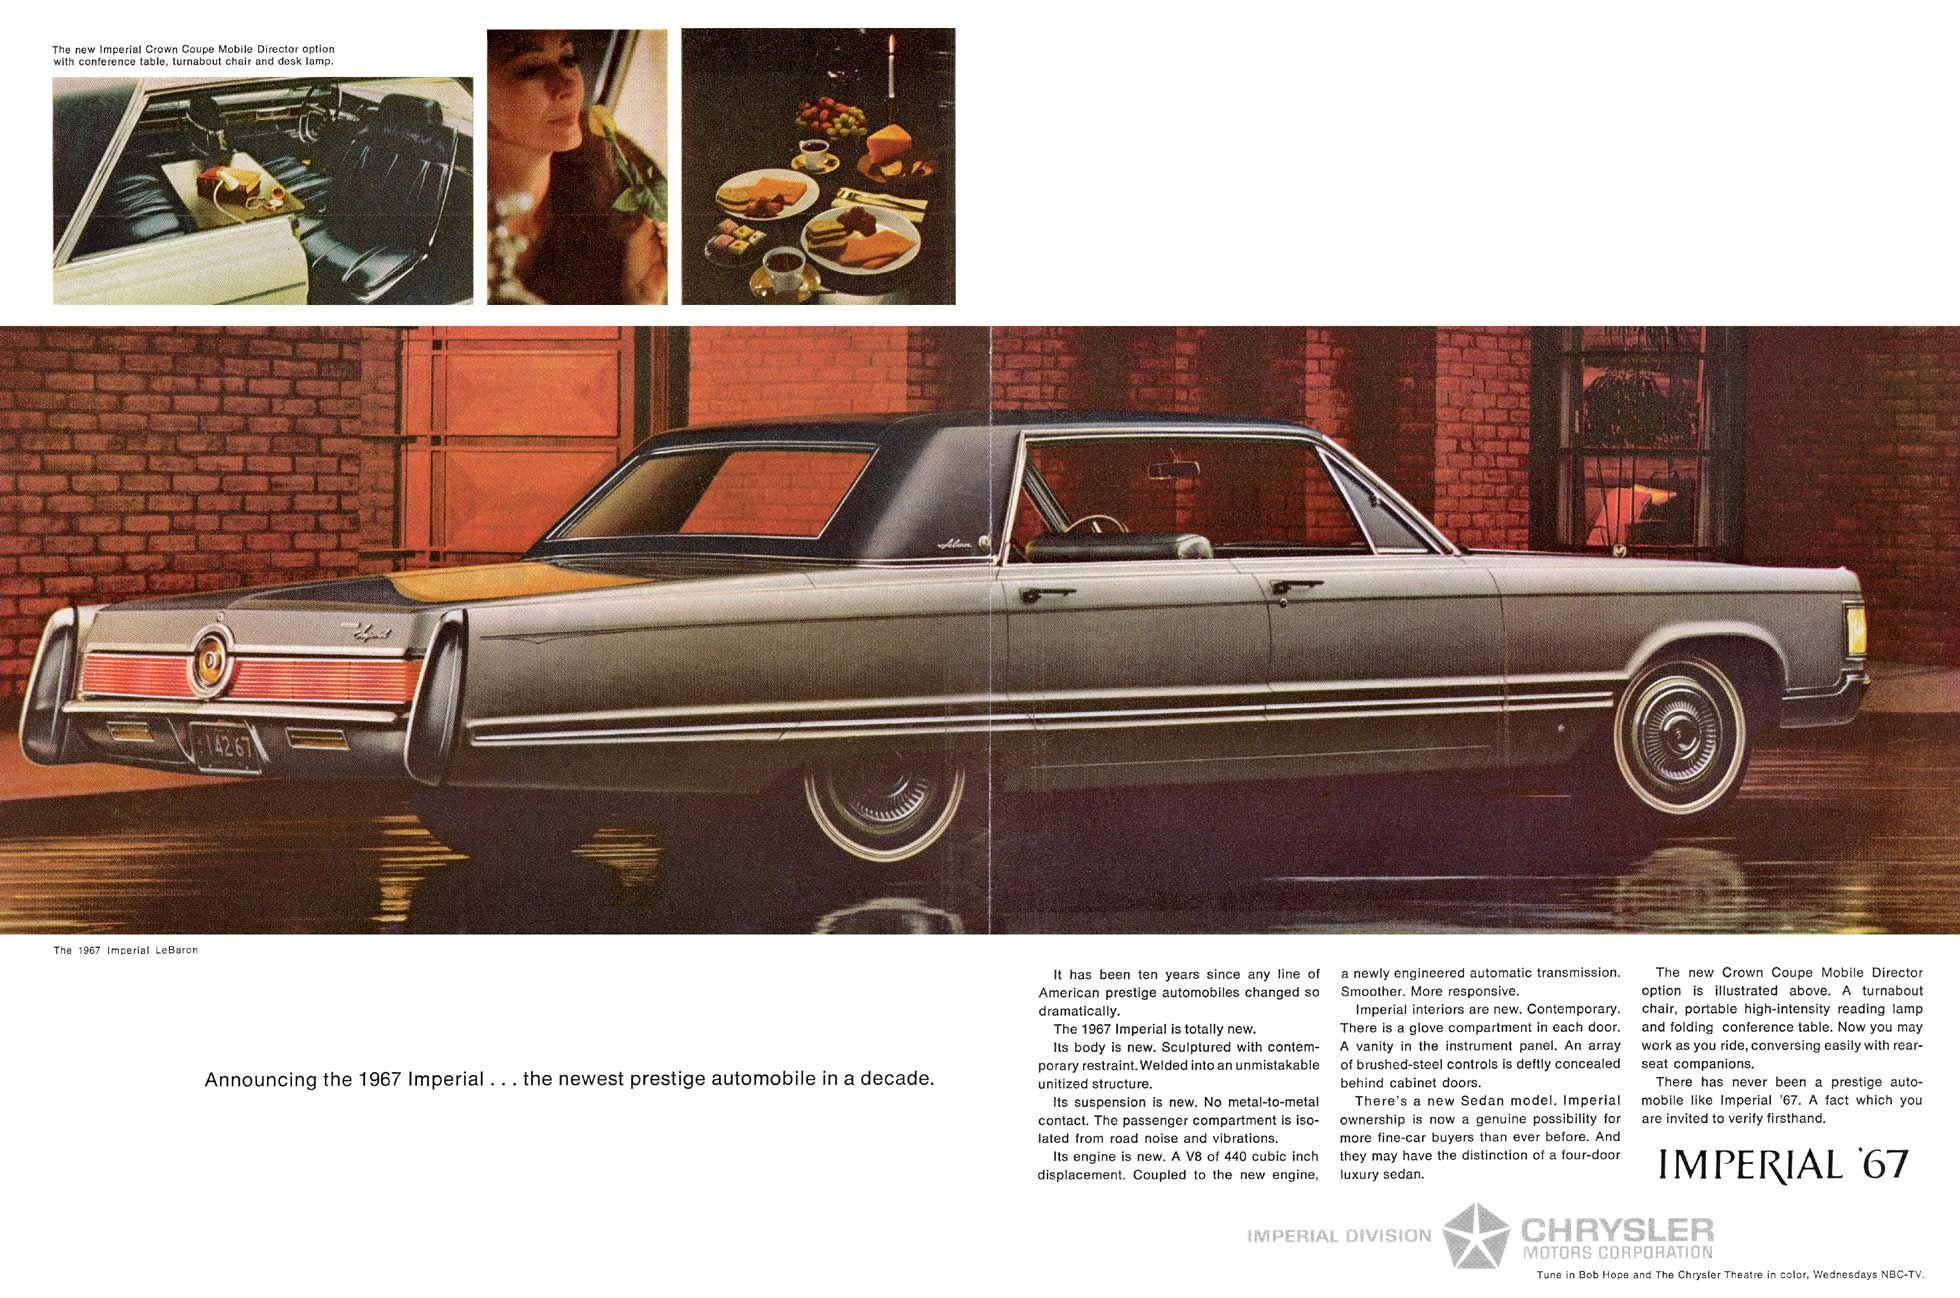 1967 Imperial Ad 08 Chrysler Cars Chrysler Imperial Chrysler Cordoba